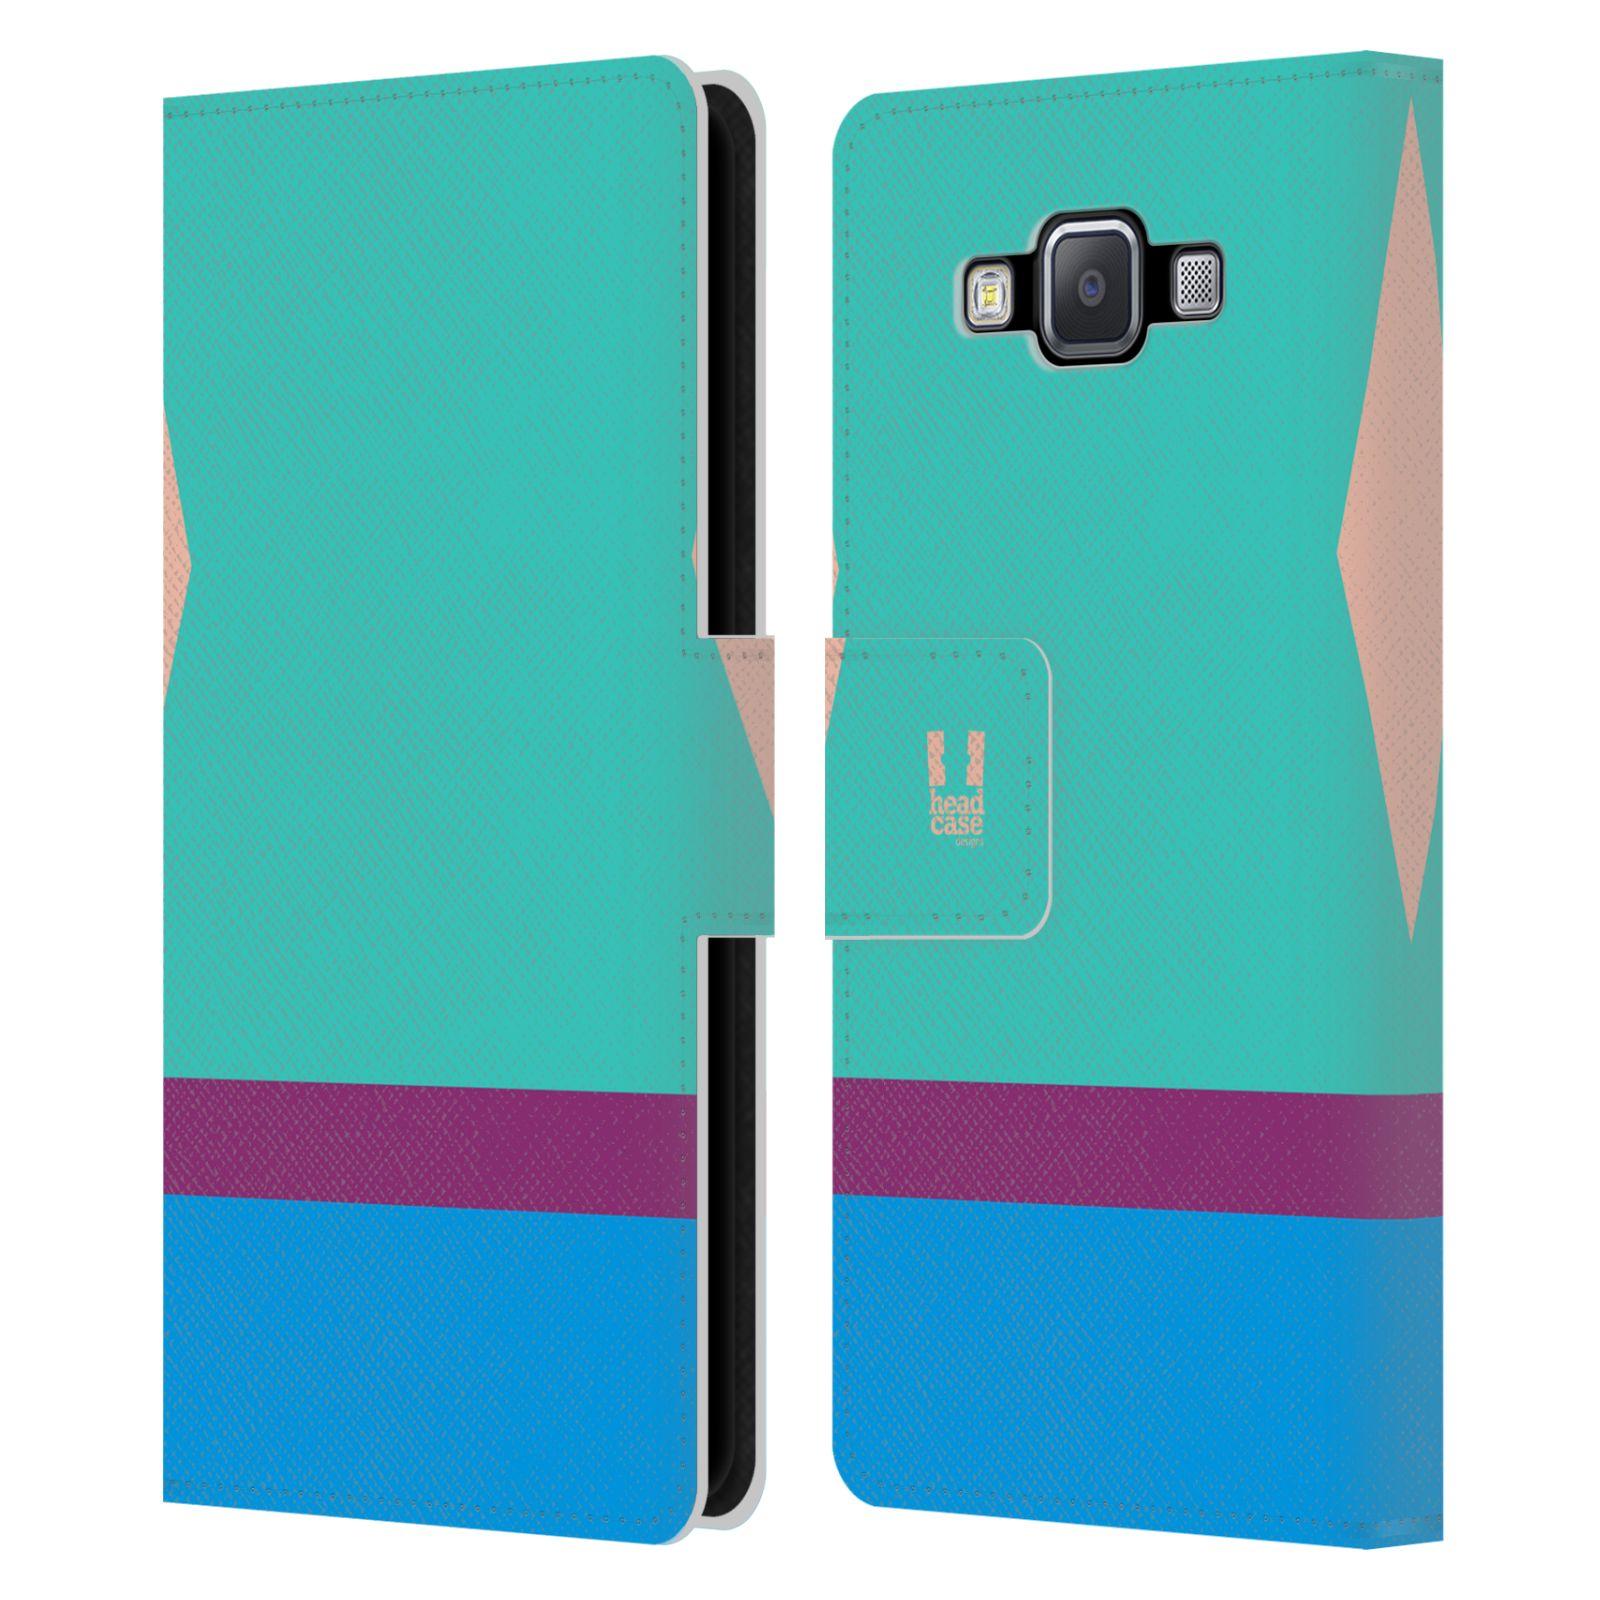 HEAD CASE Flipové pouzdro pro mobil Samsung Galaxy A5 barevné tvary modrá a fialový pruh